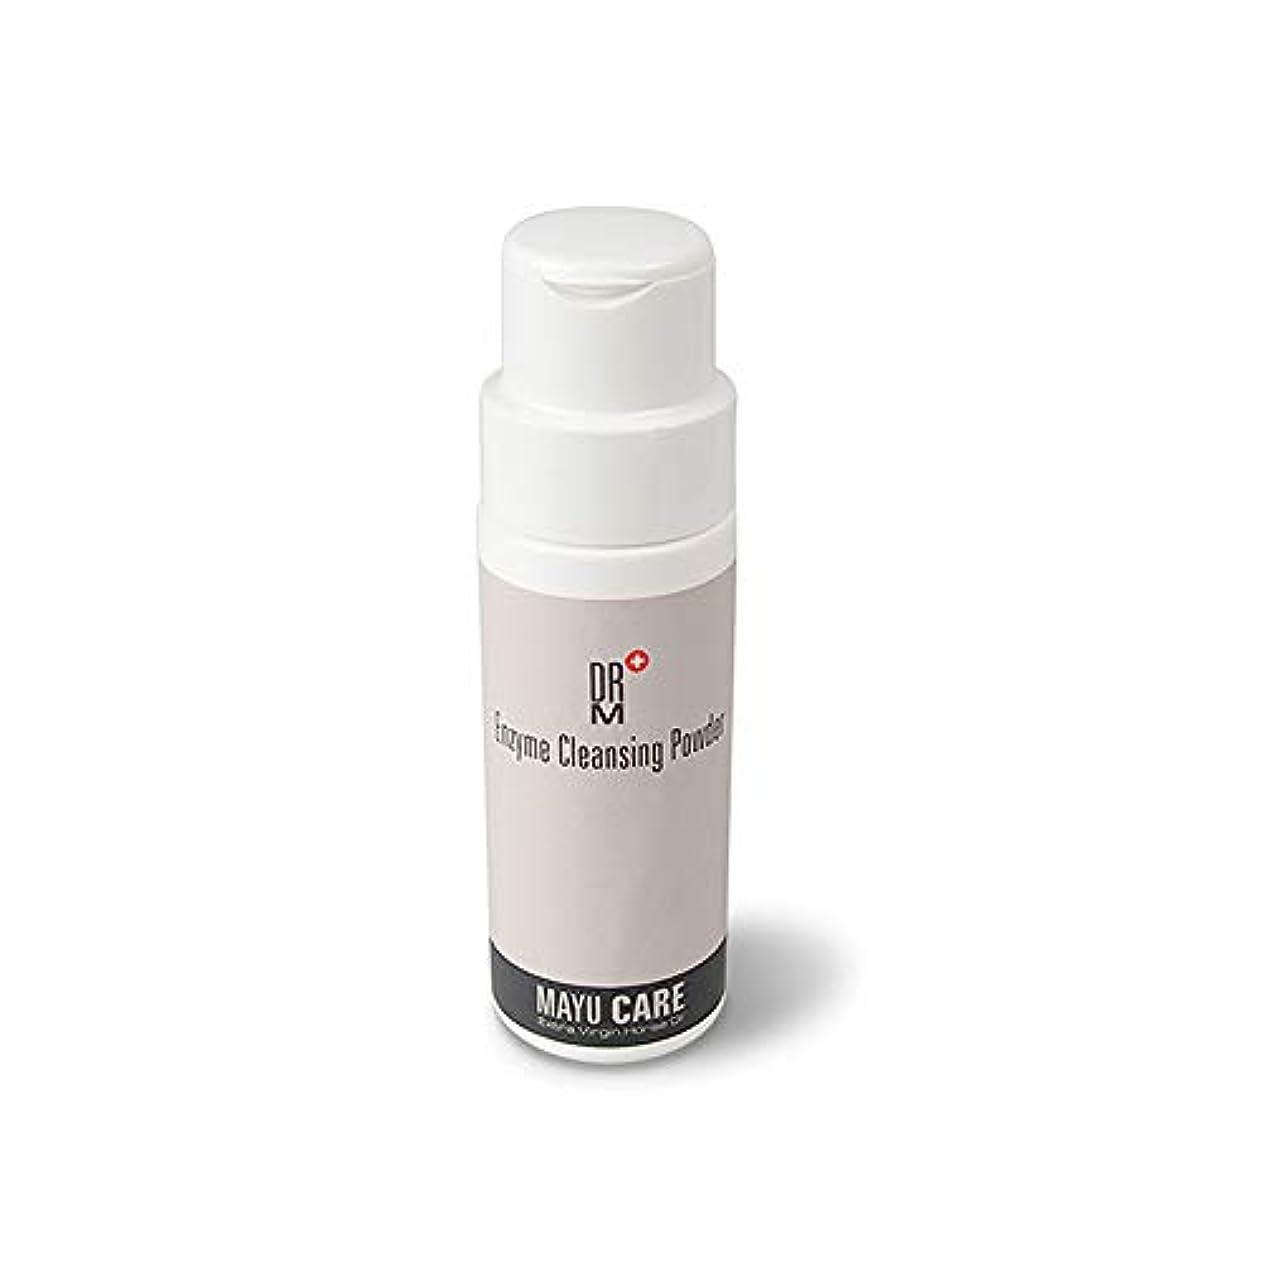 偽部企業[Dr.M] Enzyme Cleansing Powder 酵素 クレンジングパウダー 100g [並行輸入品]